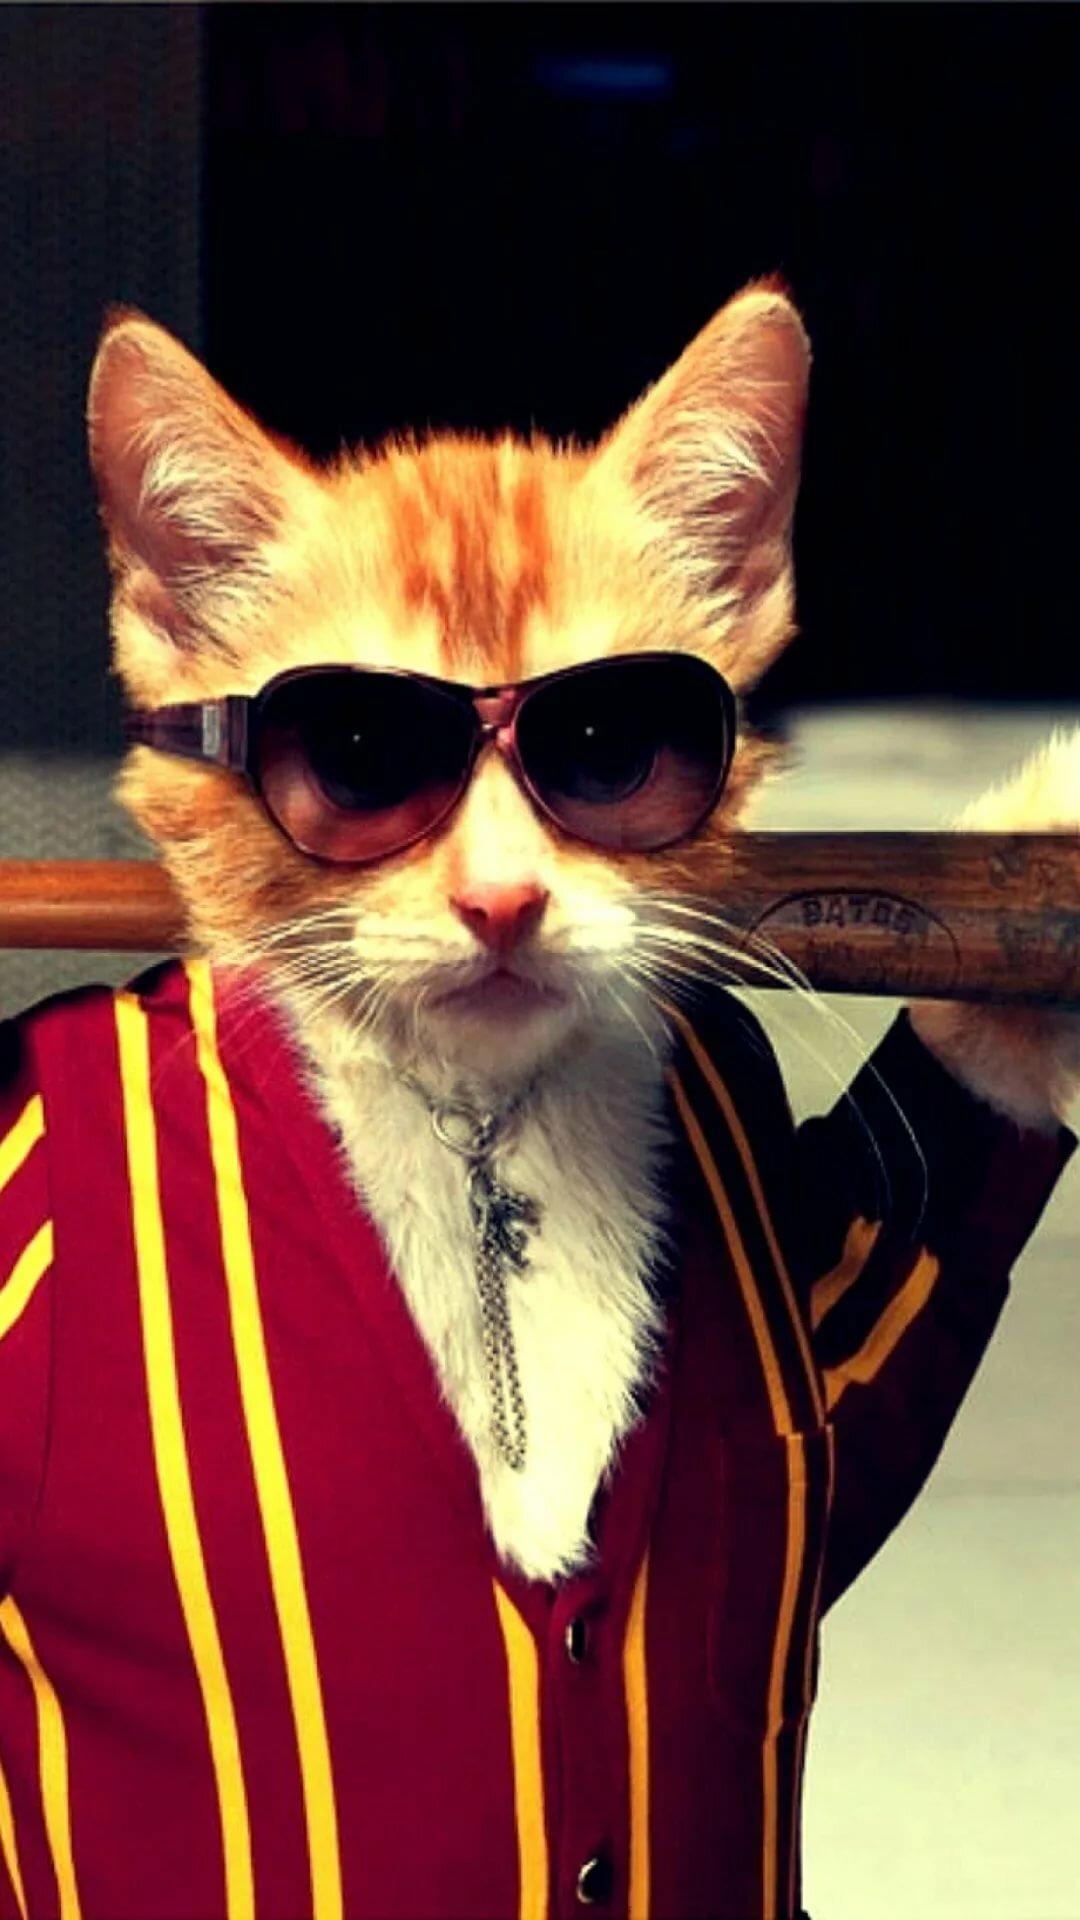 фото с котом в очках на стим аву крутые